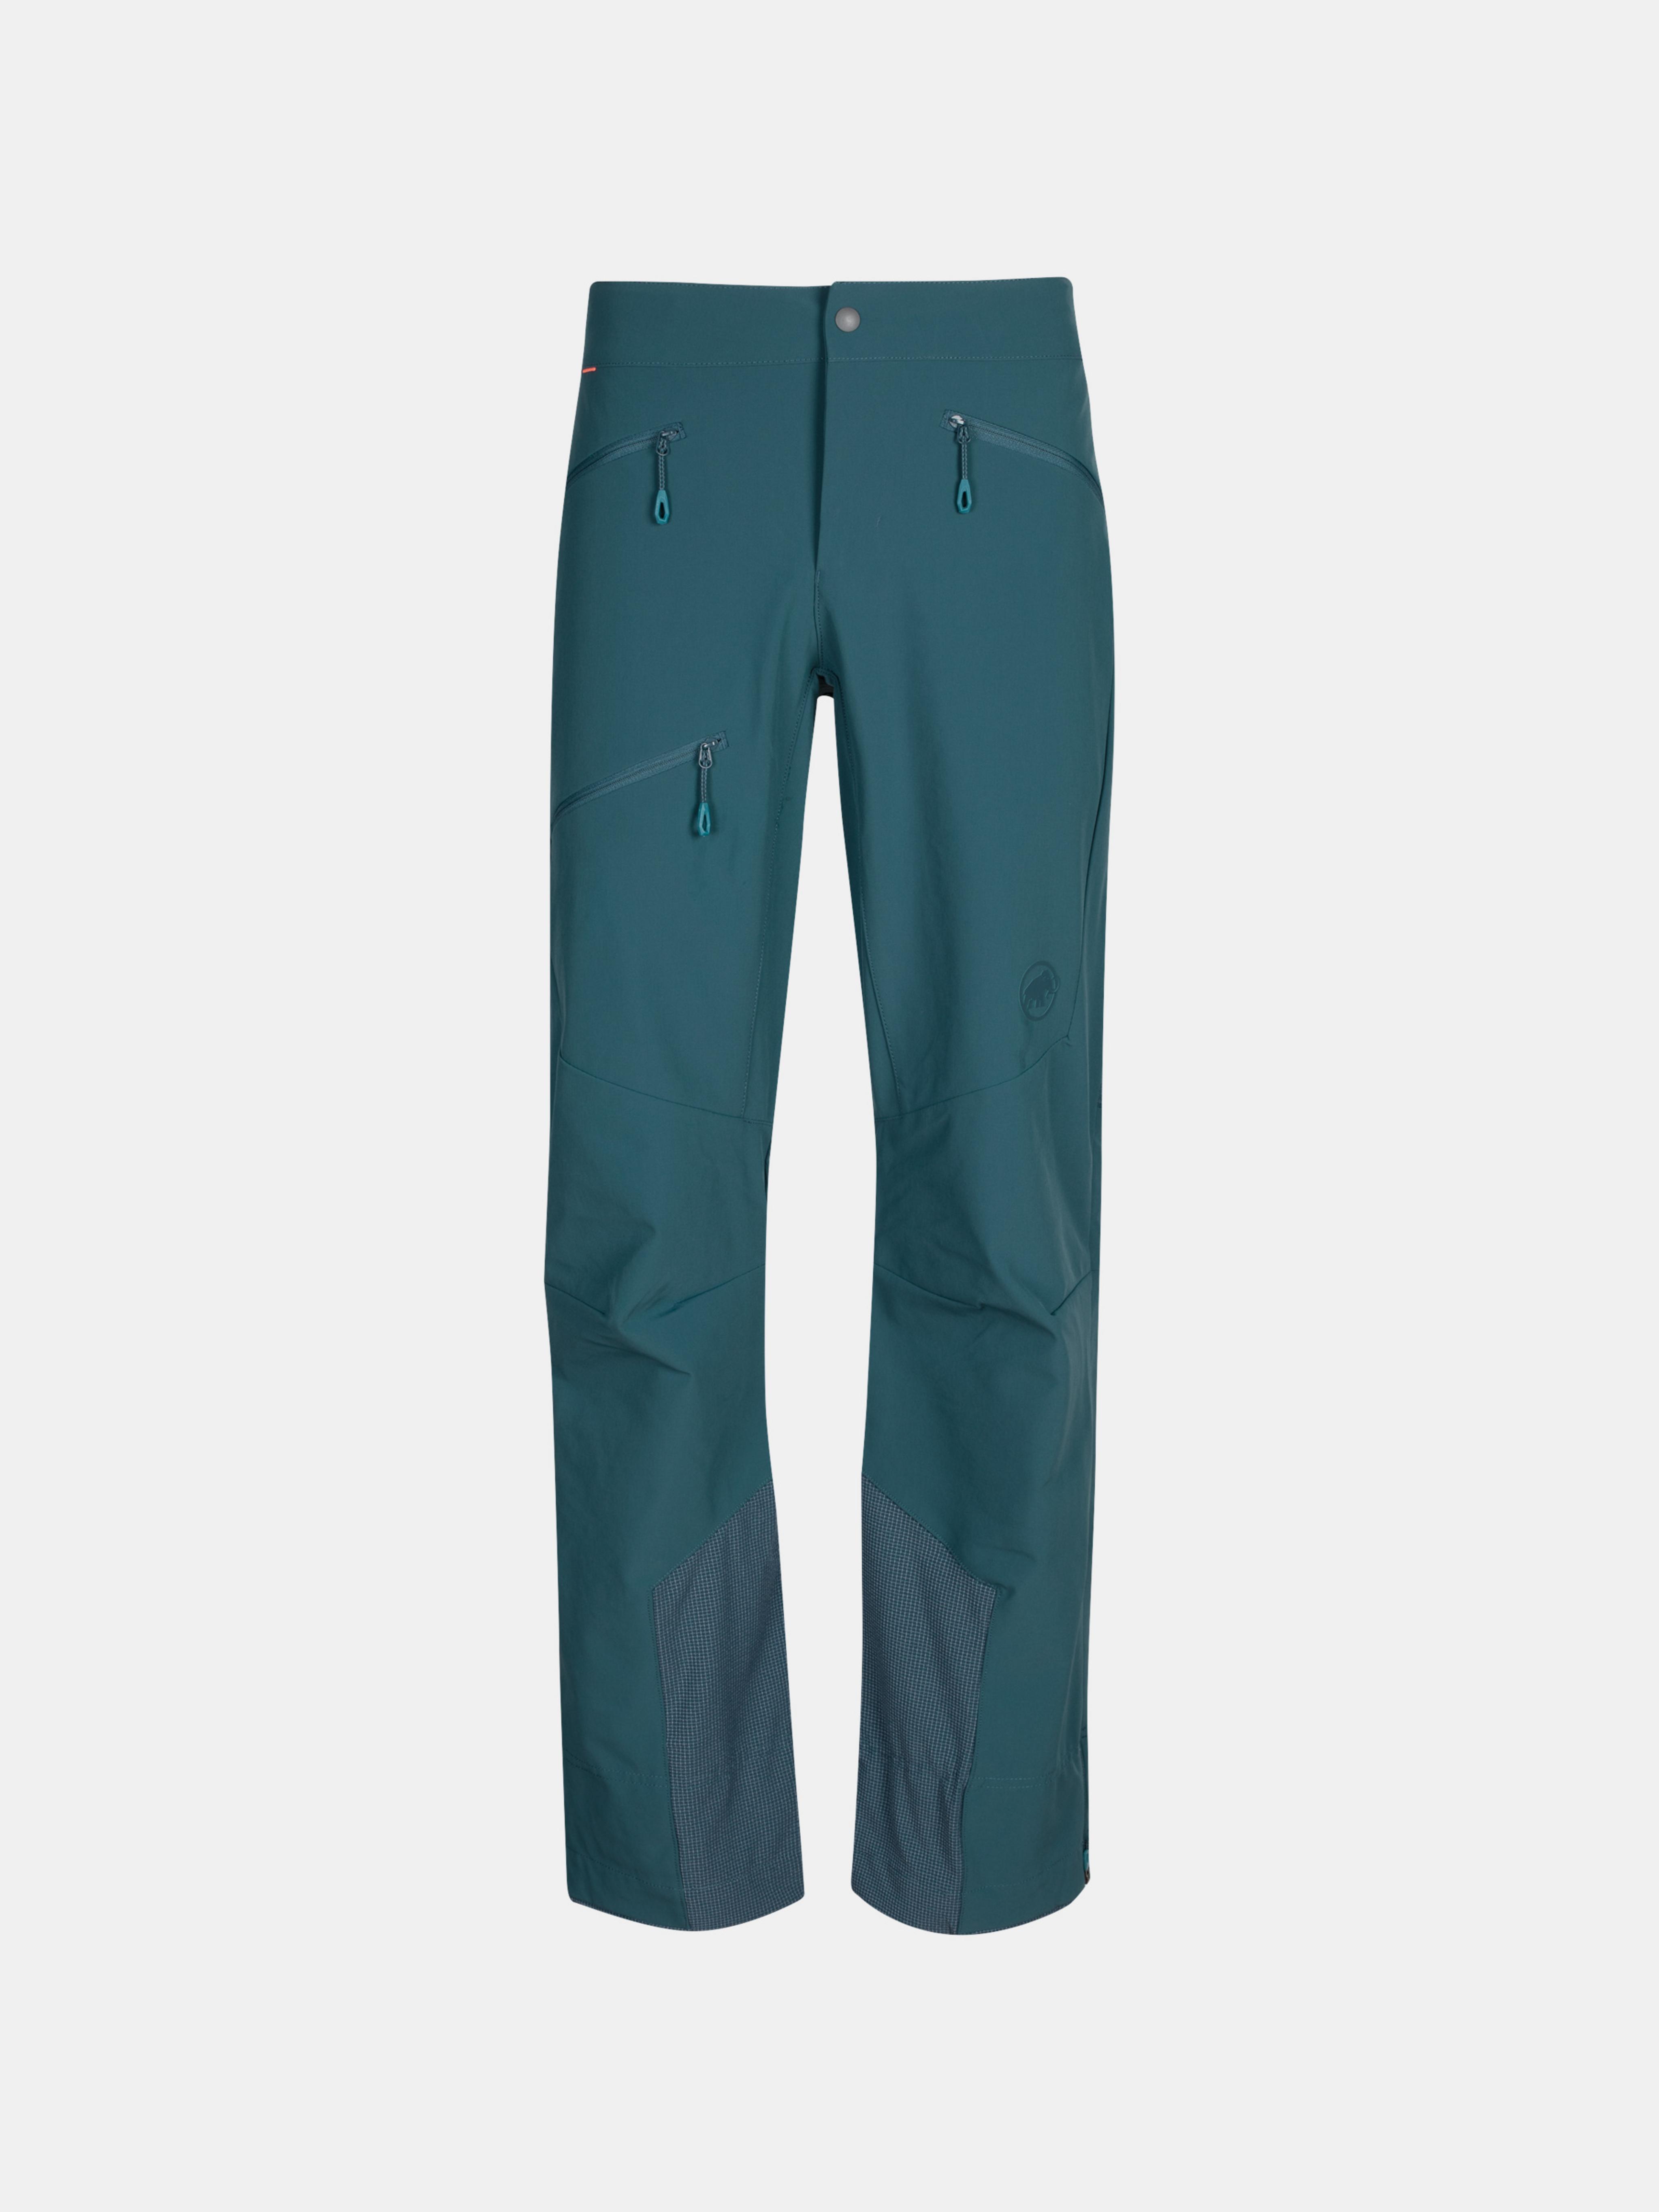 Tatramar SO Pants Men product image